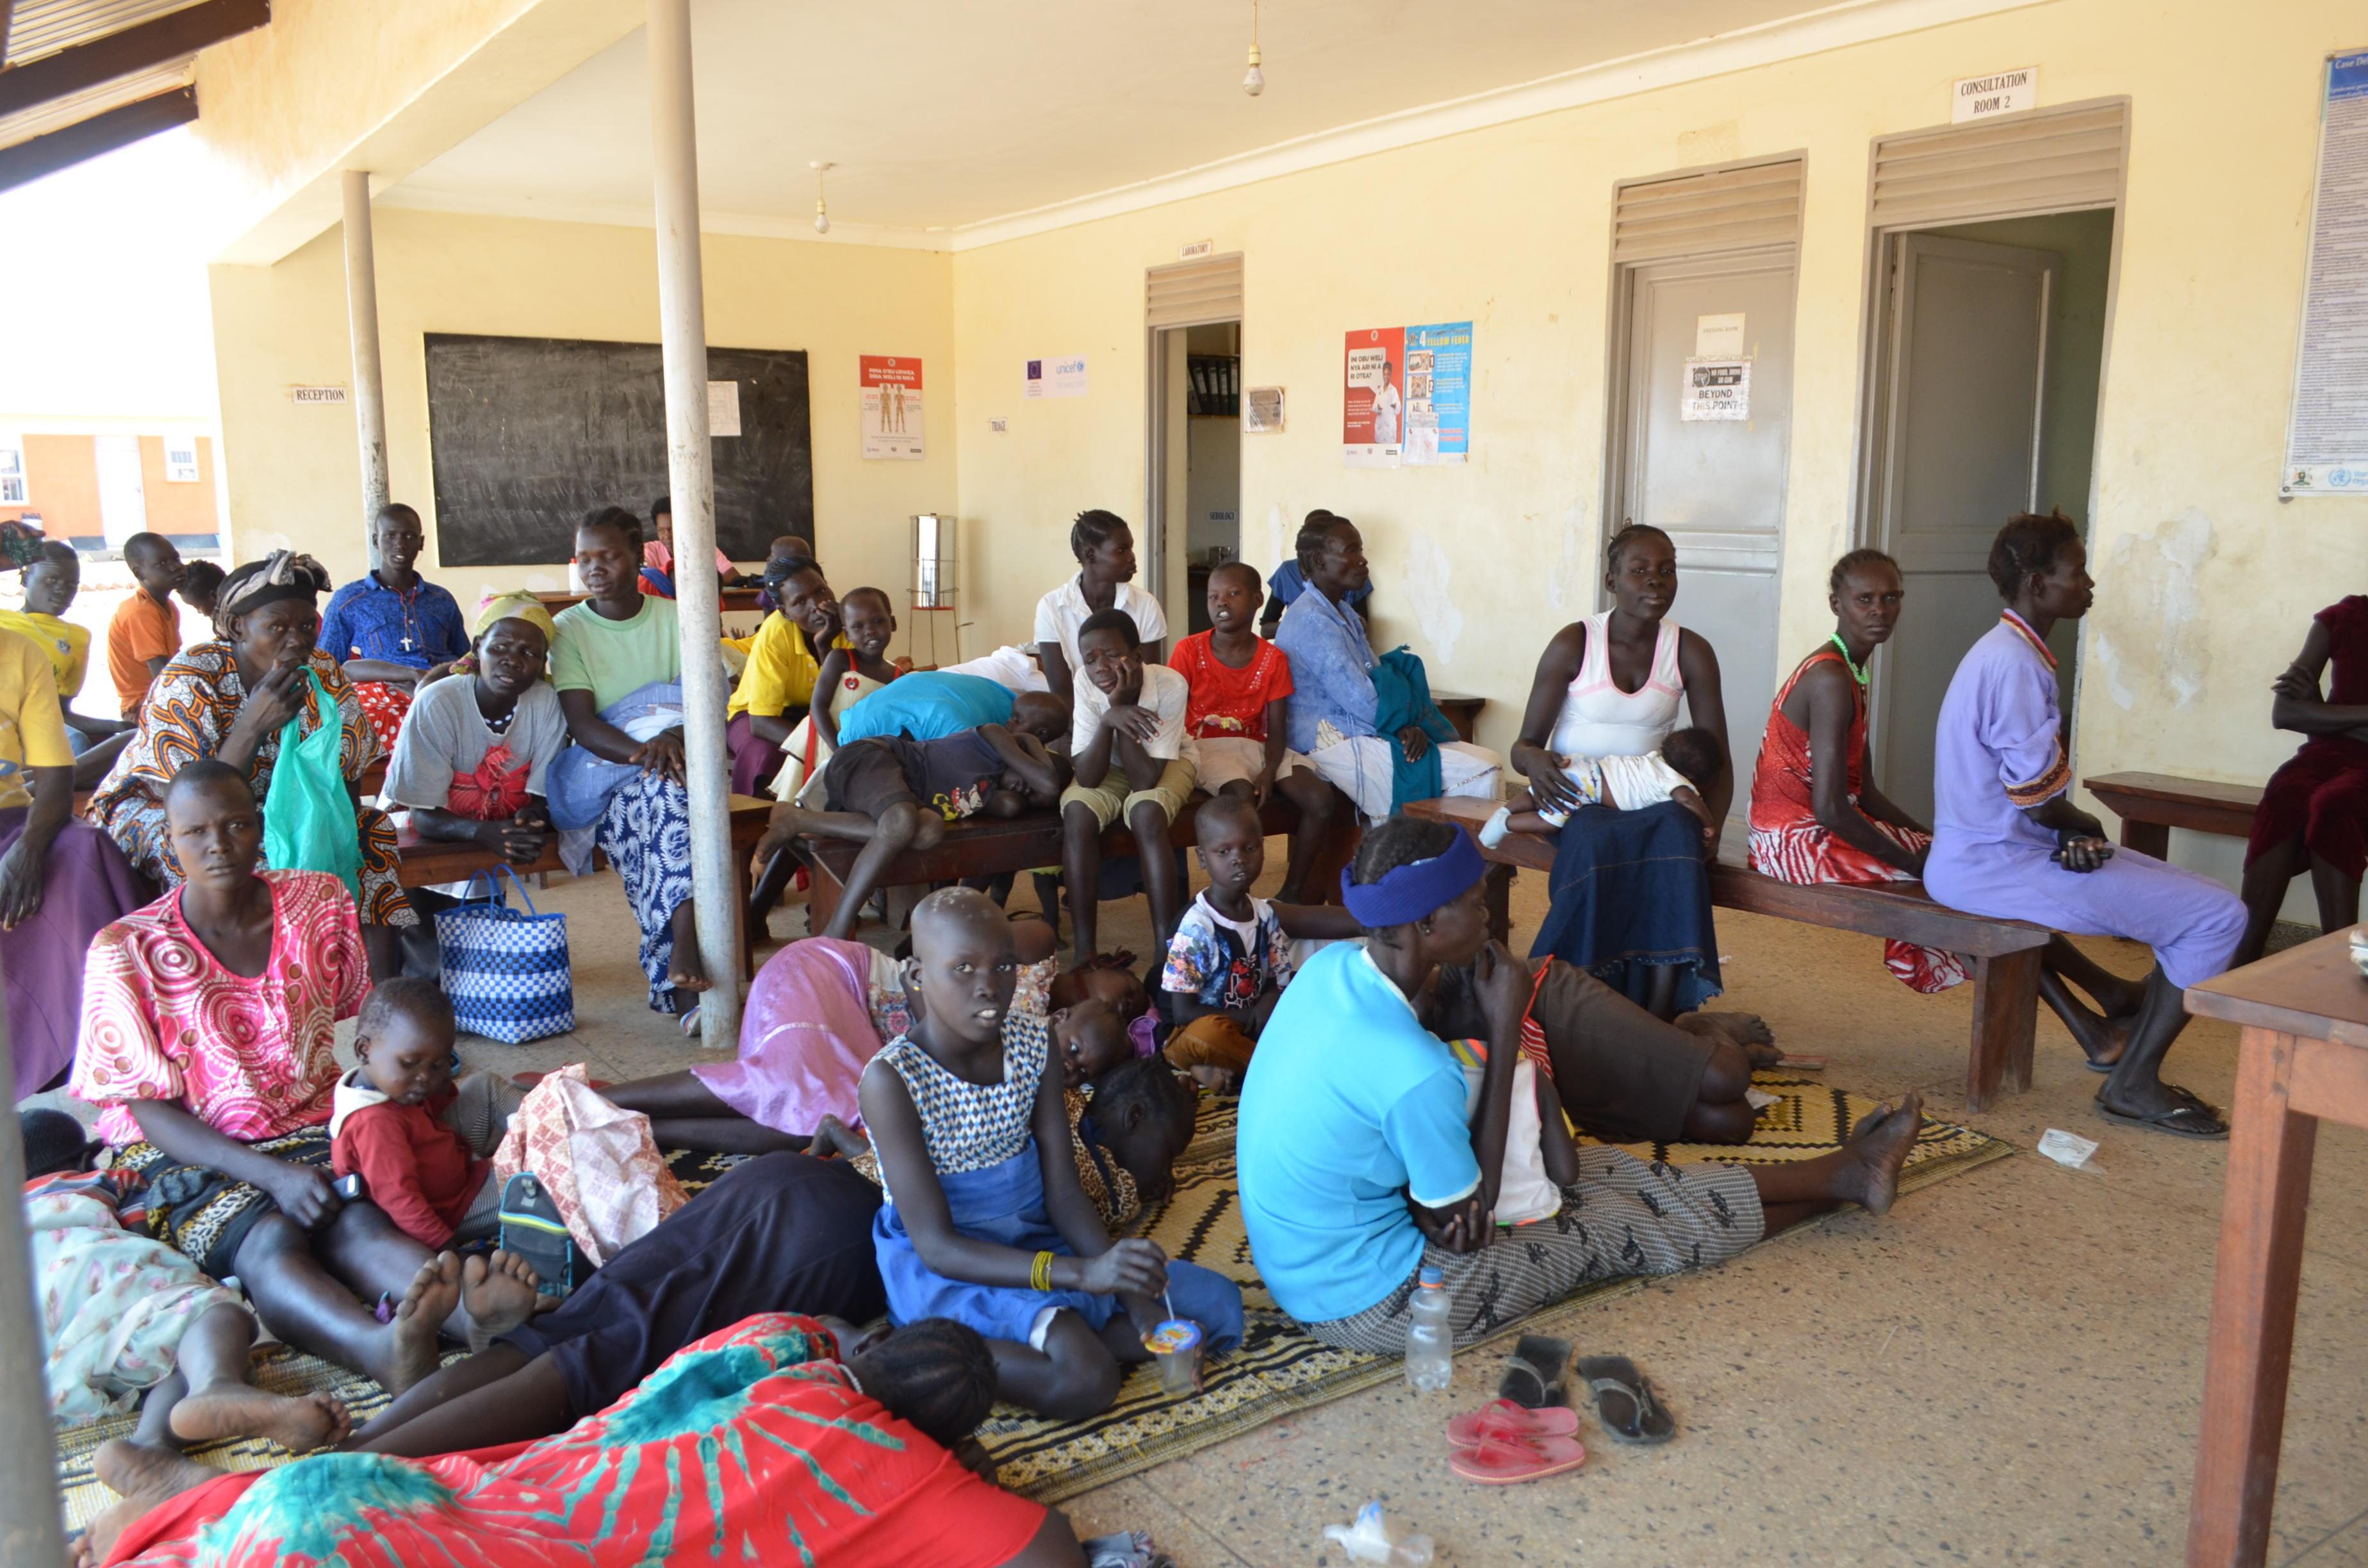 Ofrecemos atención sanitaria urgente en Uganda con el apoyo del Ayuntamiento de Córdoba